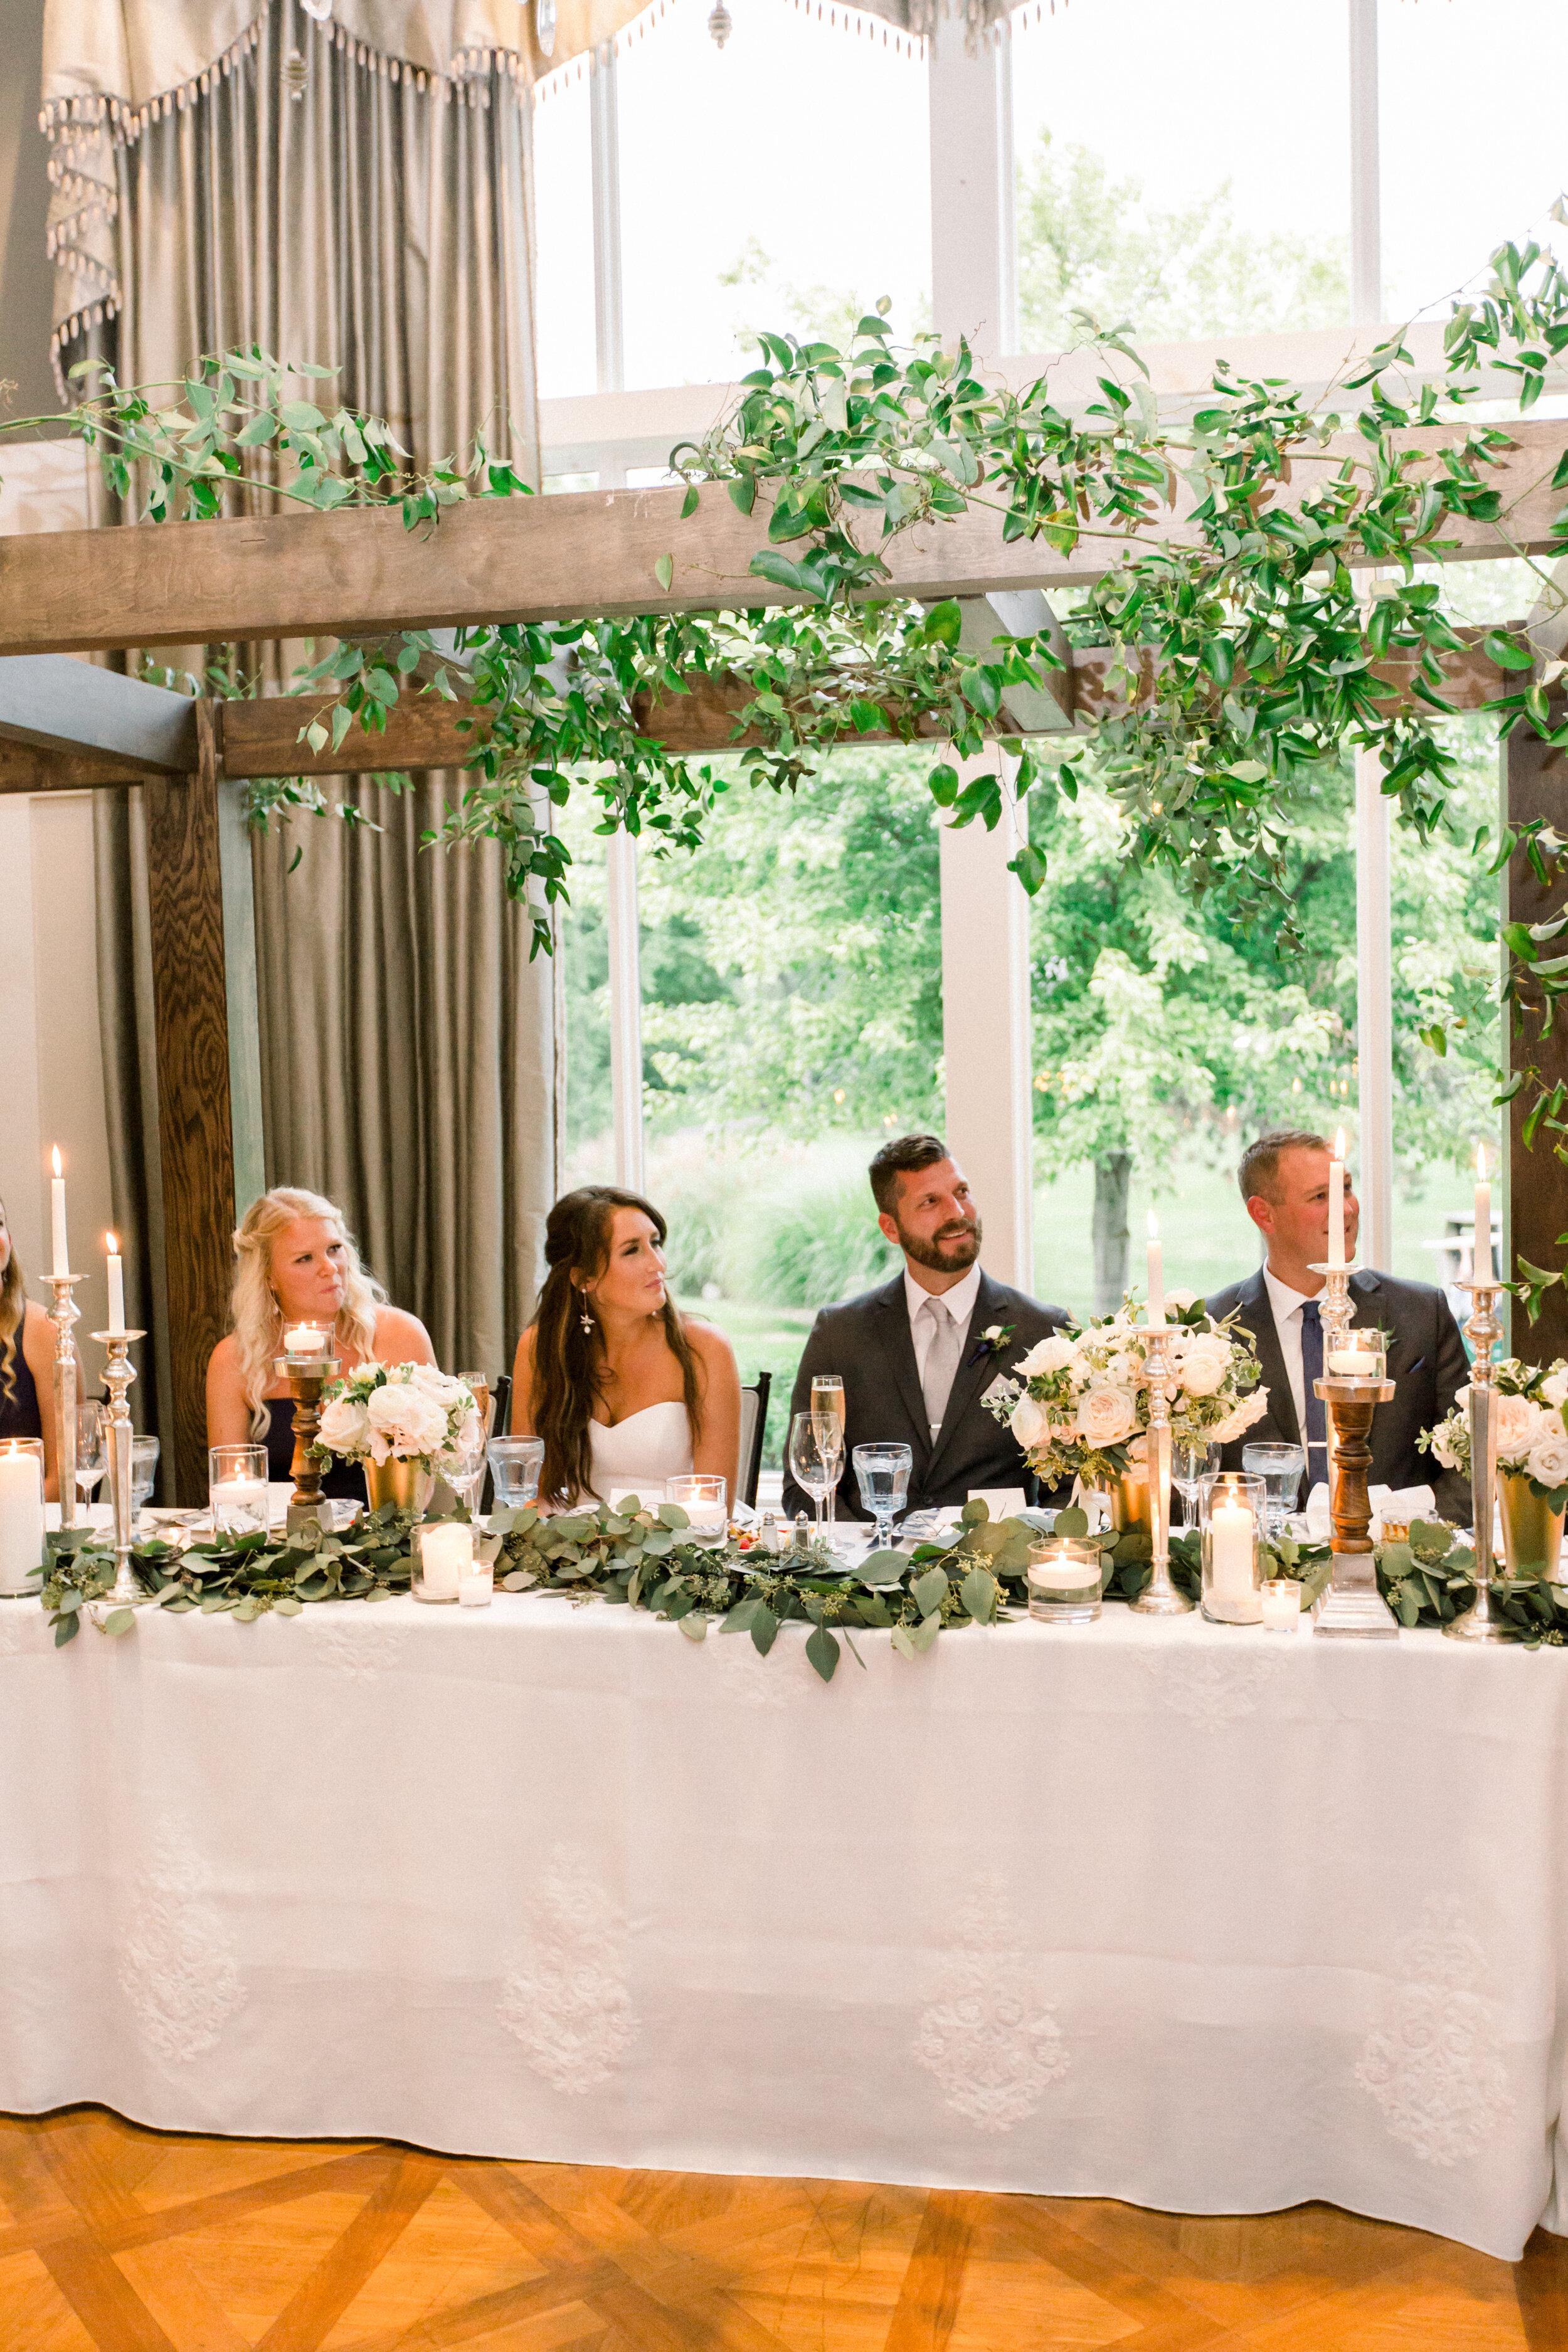 Kuiper+Wedding+Reception-61.jpg